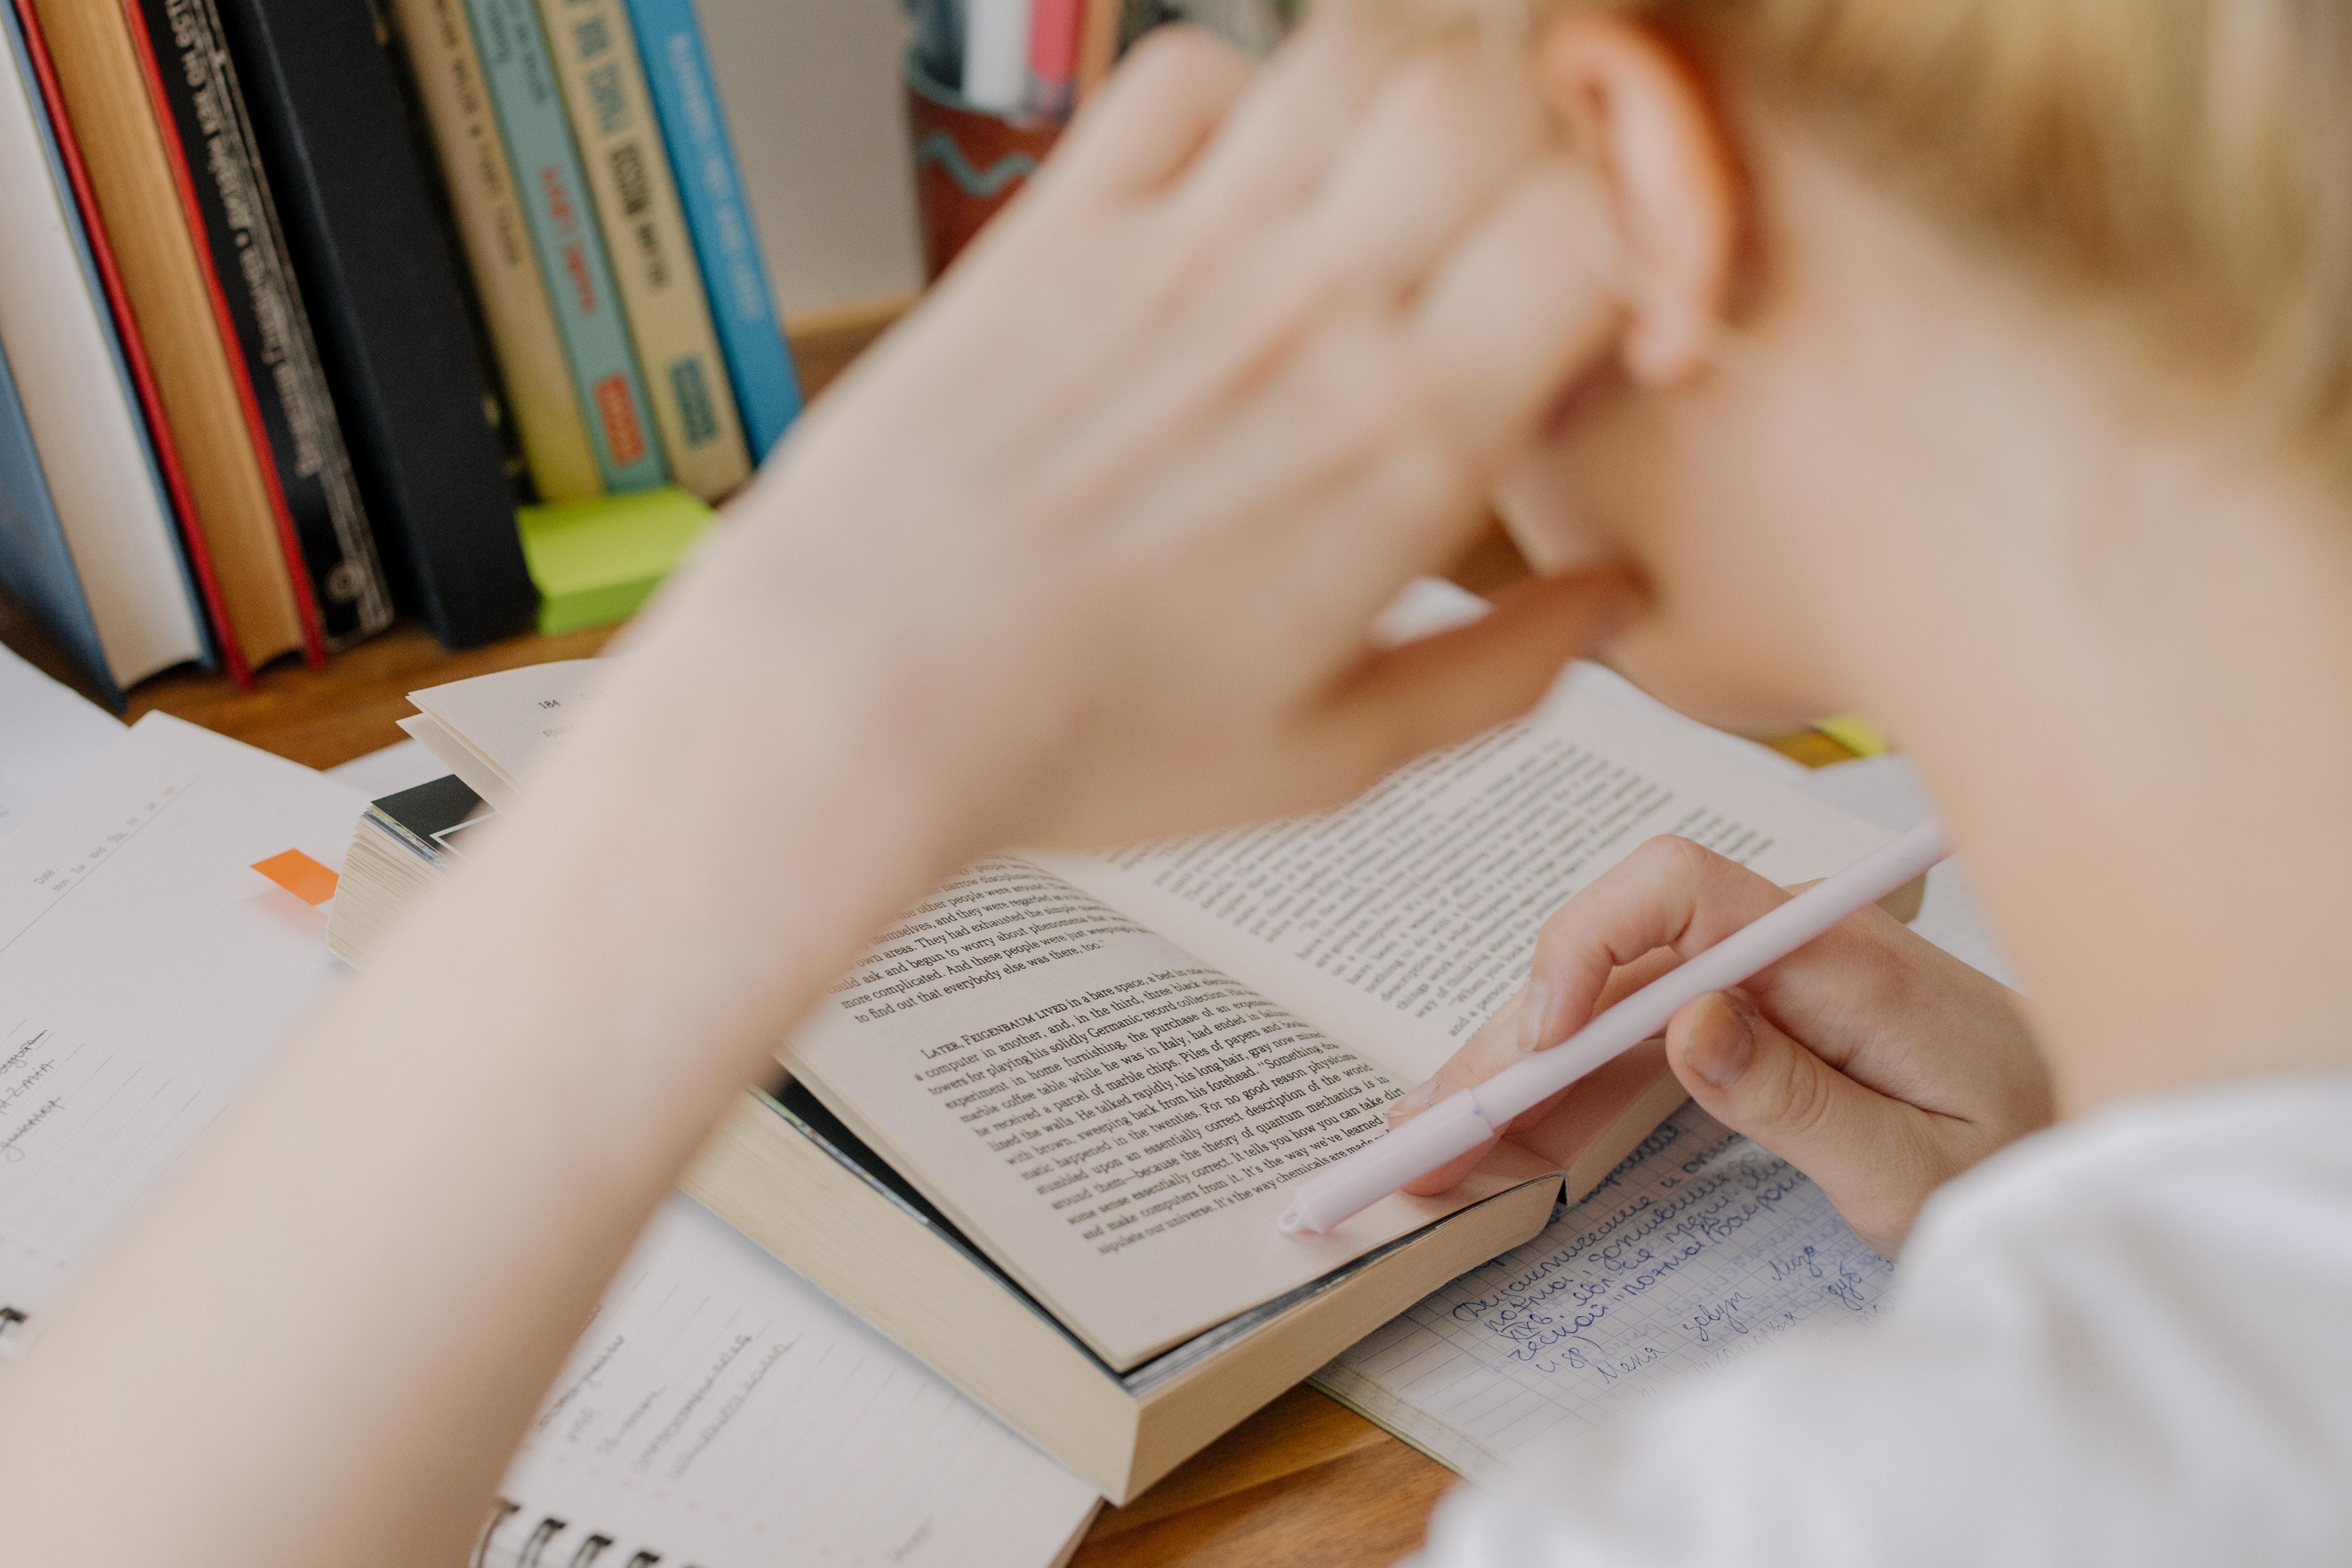 Scuola e studenti: relazione complicata, non impossibile